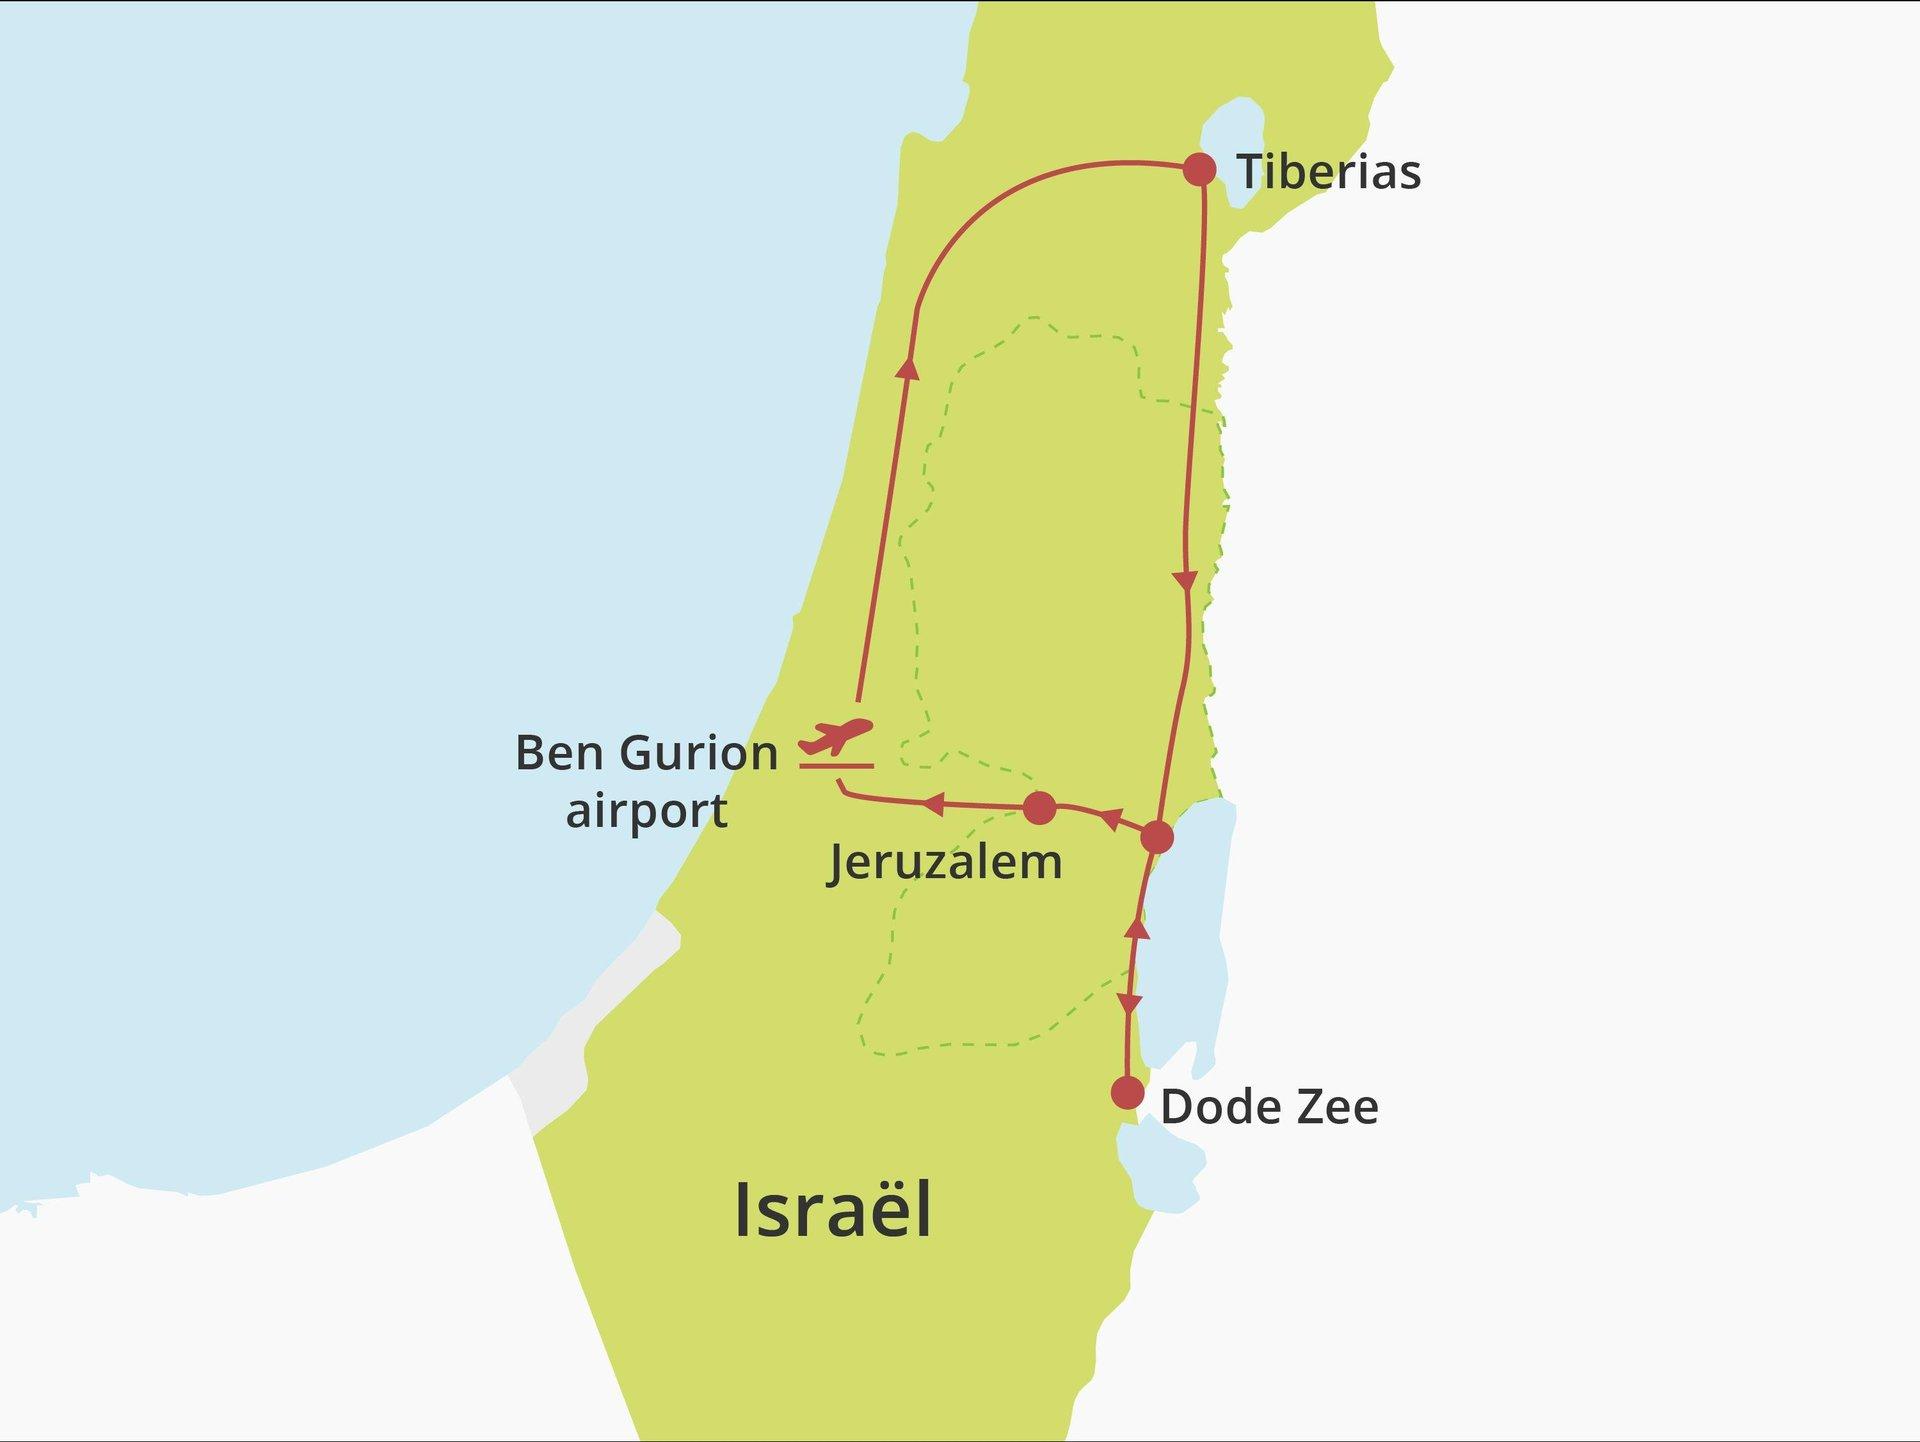 Kibboets fly-drive Noord-Dode Zee-Jeruzalem